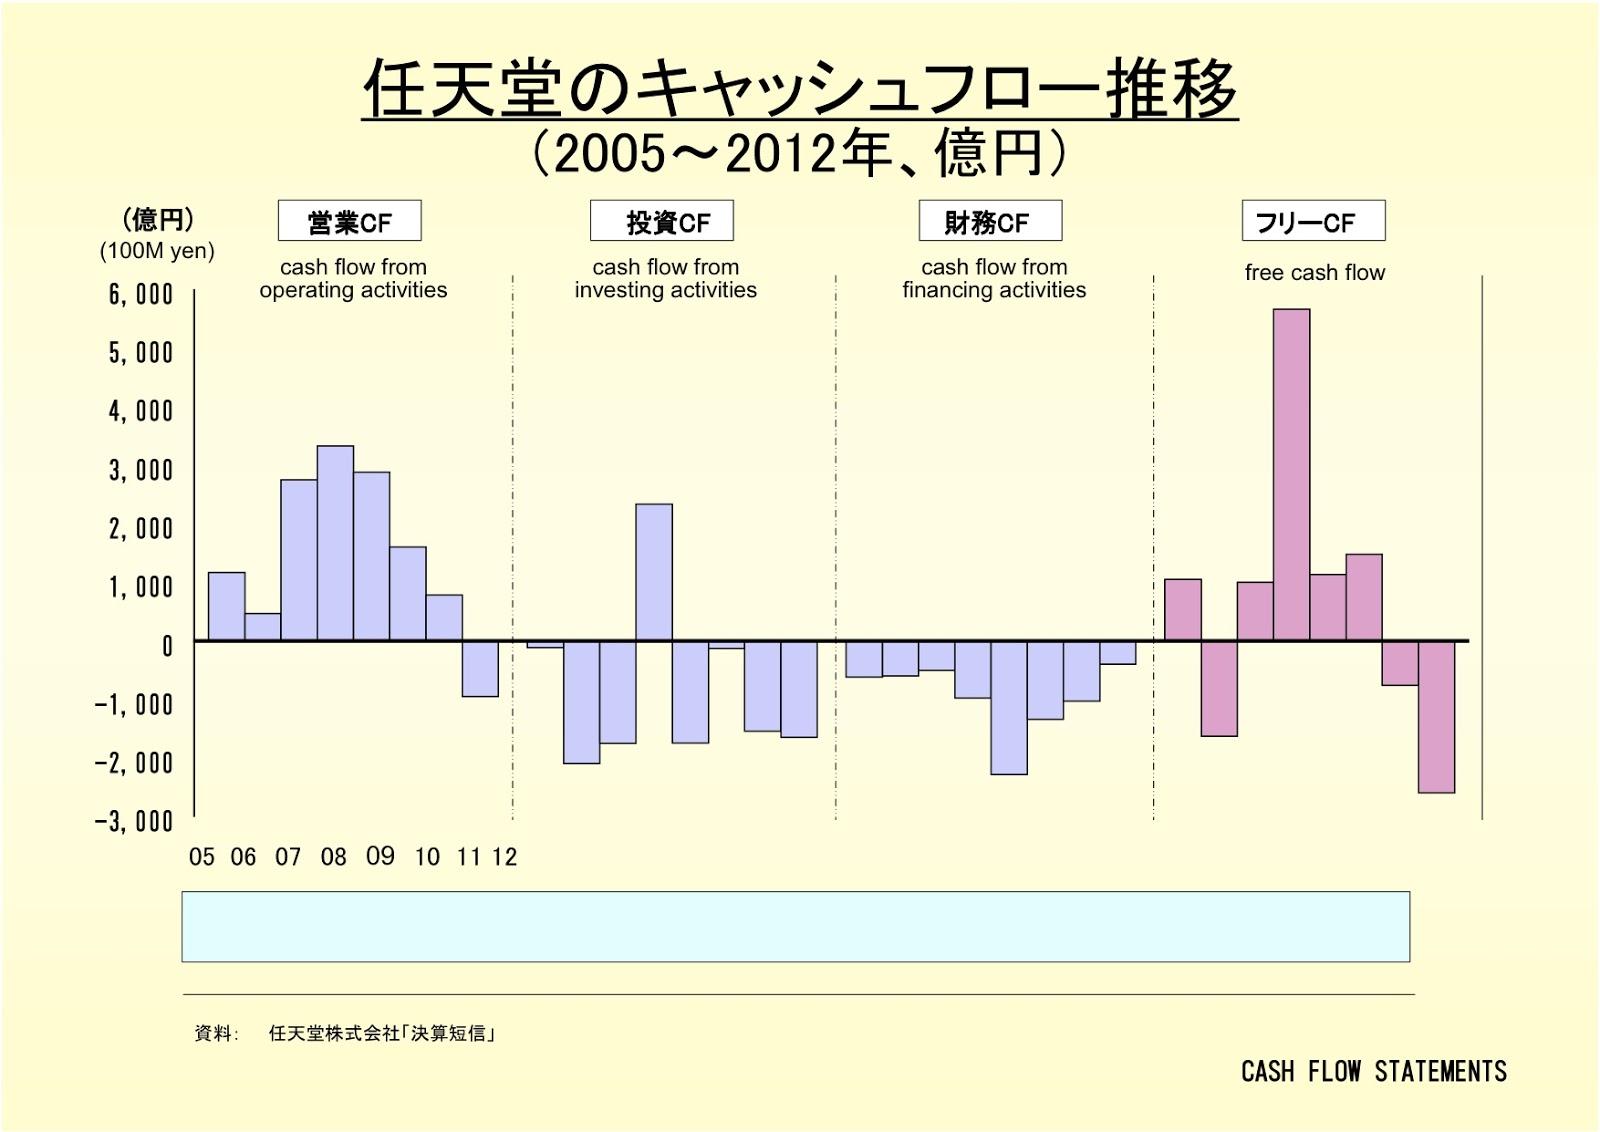 任天堂株式会社のキャッシュフロー推移